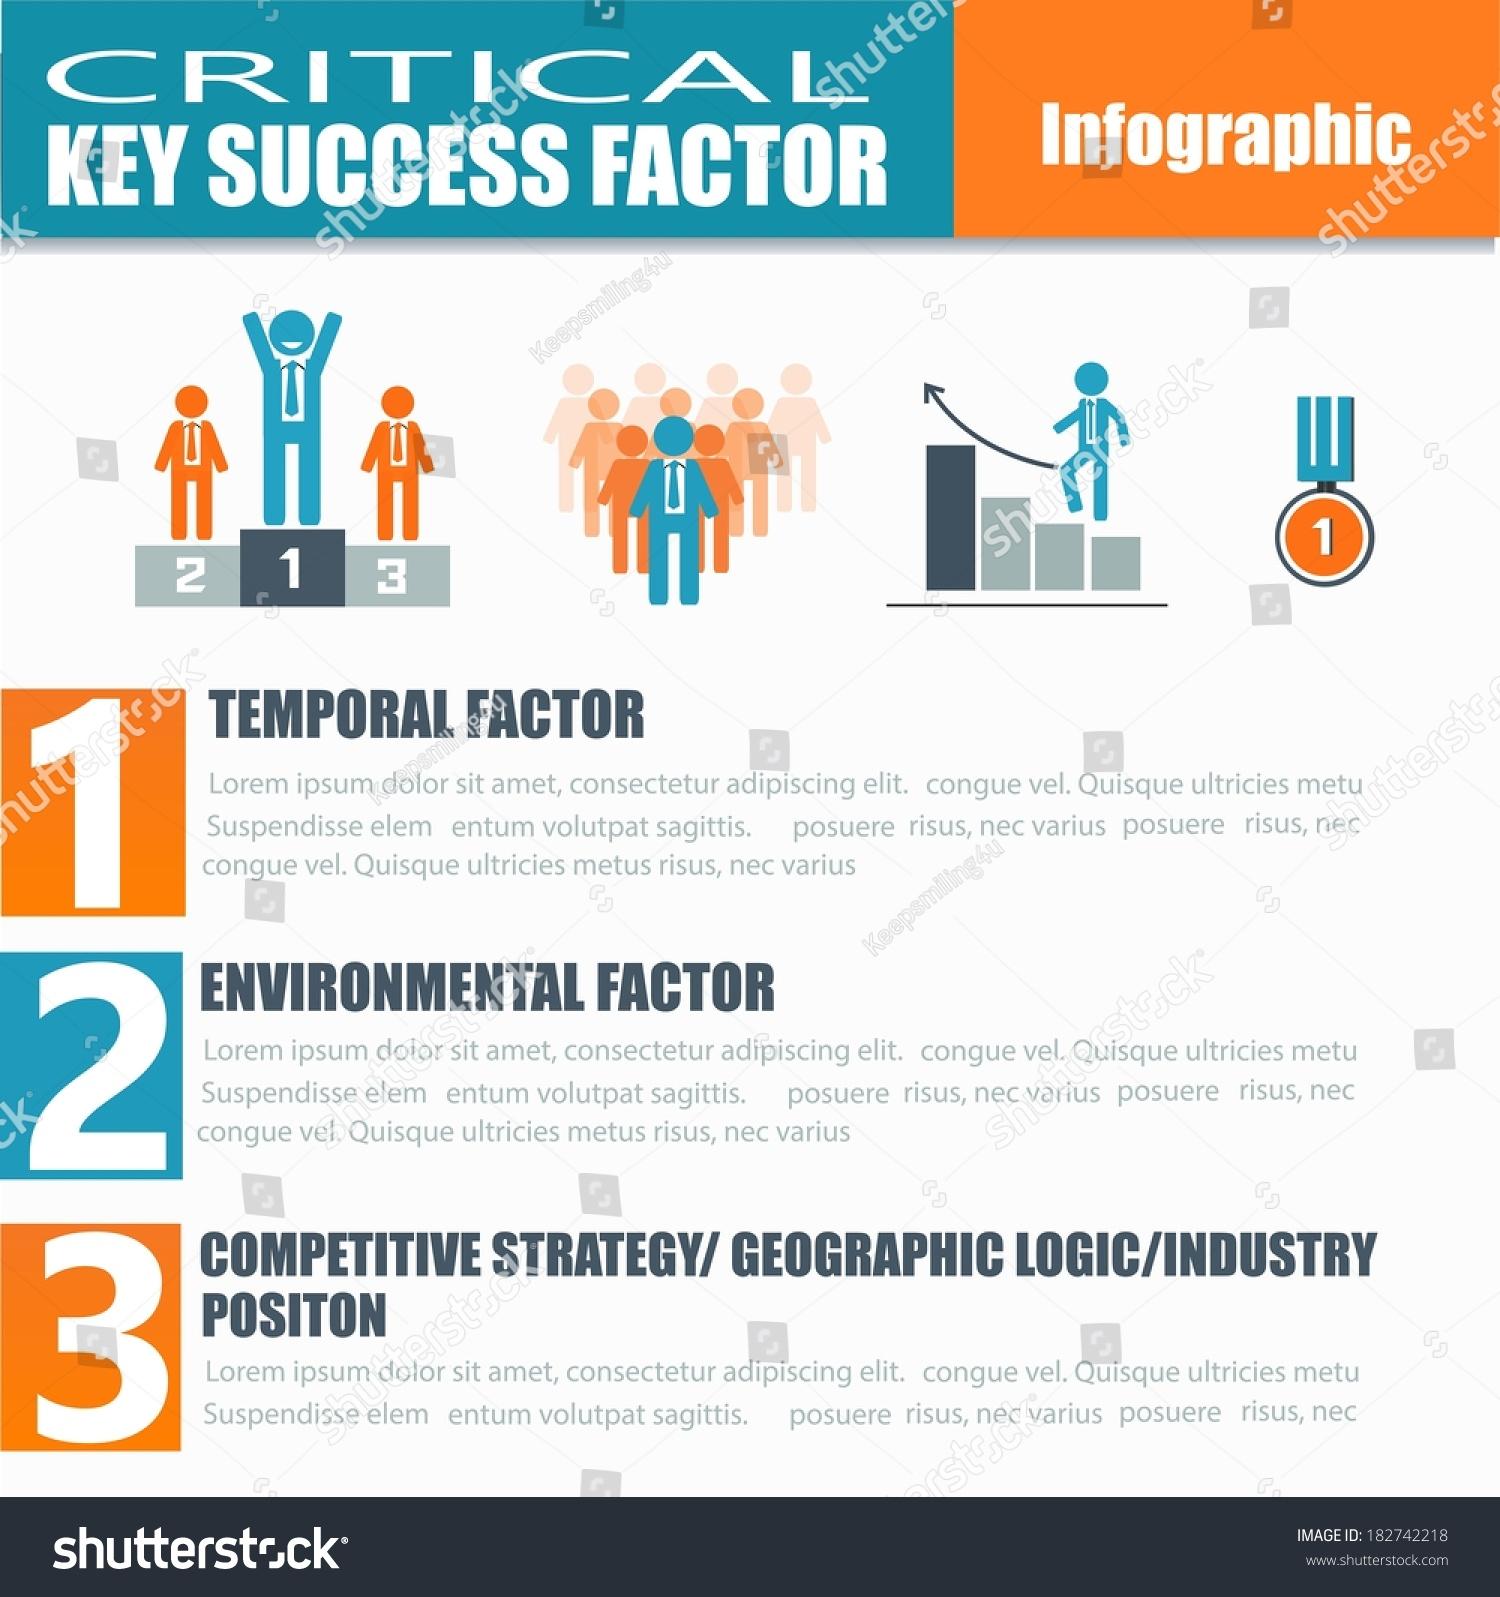 Google's Key Success Factors